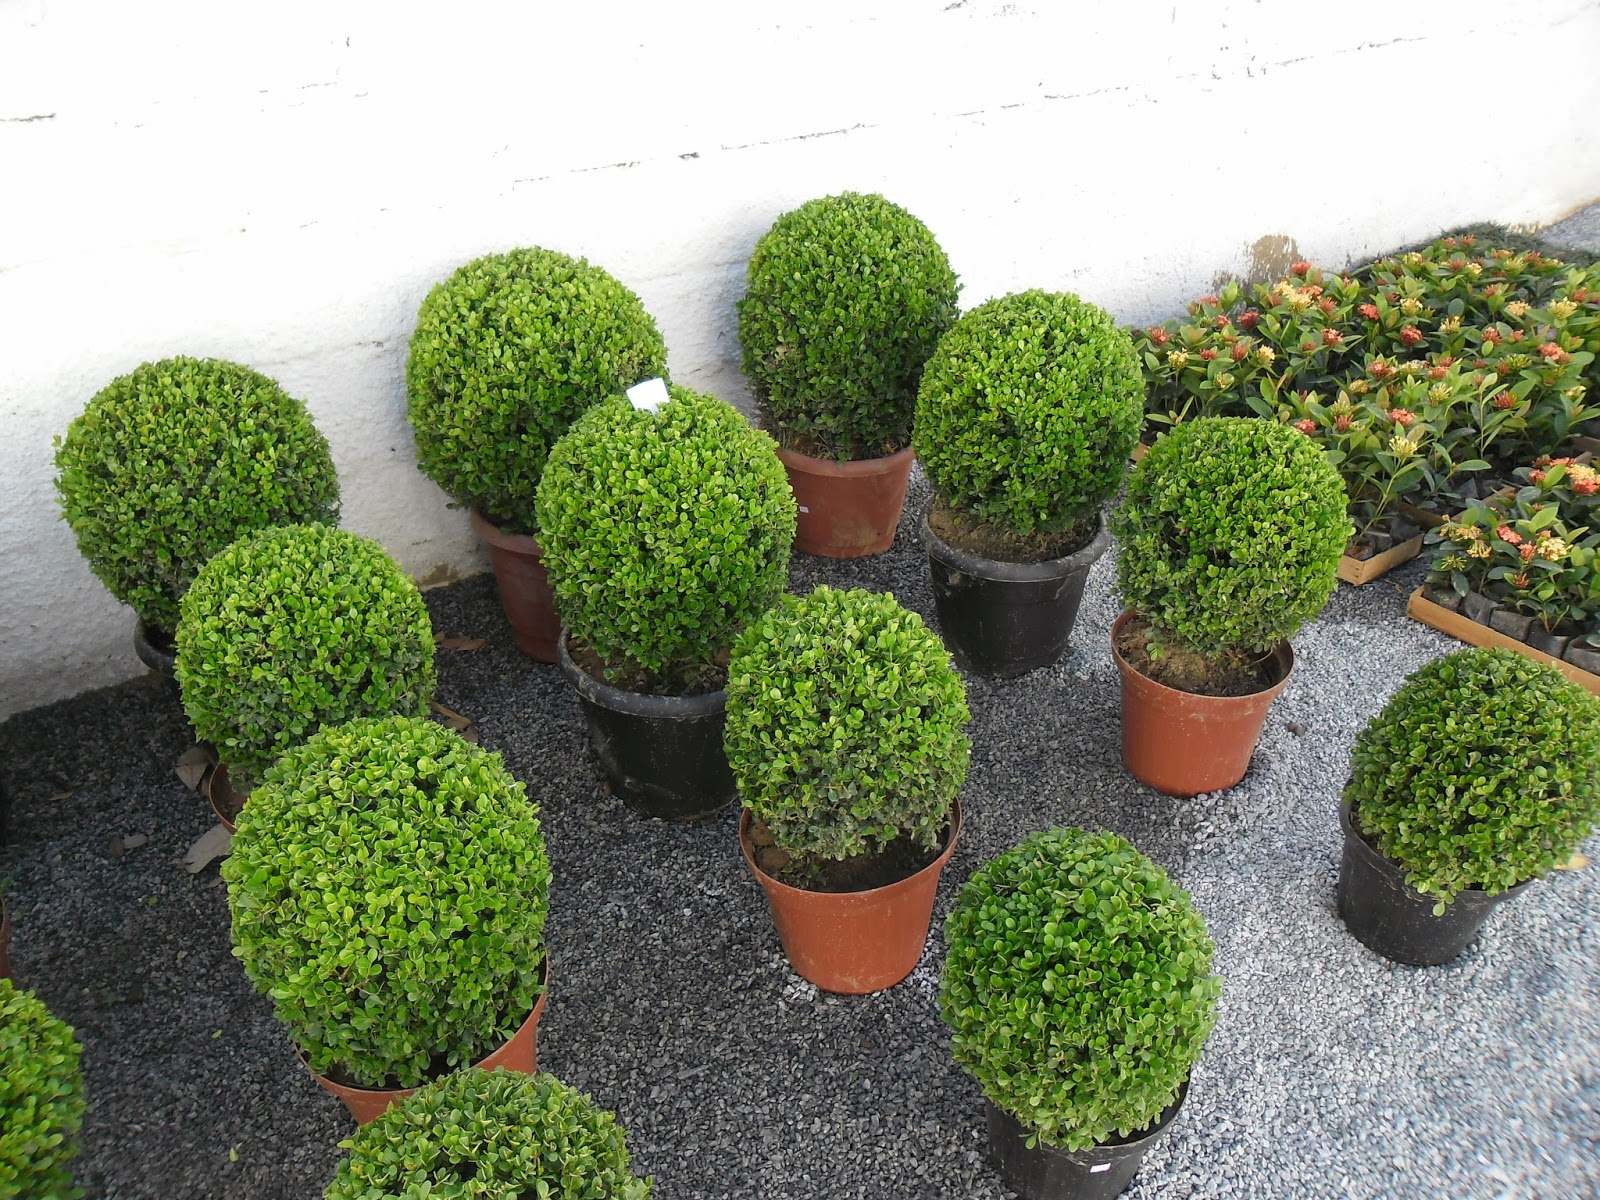 plantas jardim de sol : plantas jardim de sol: da Jardinagem: Plantas e acessórios para compor jardim externo